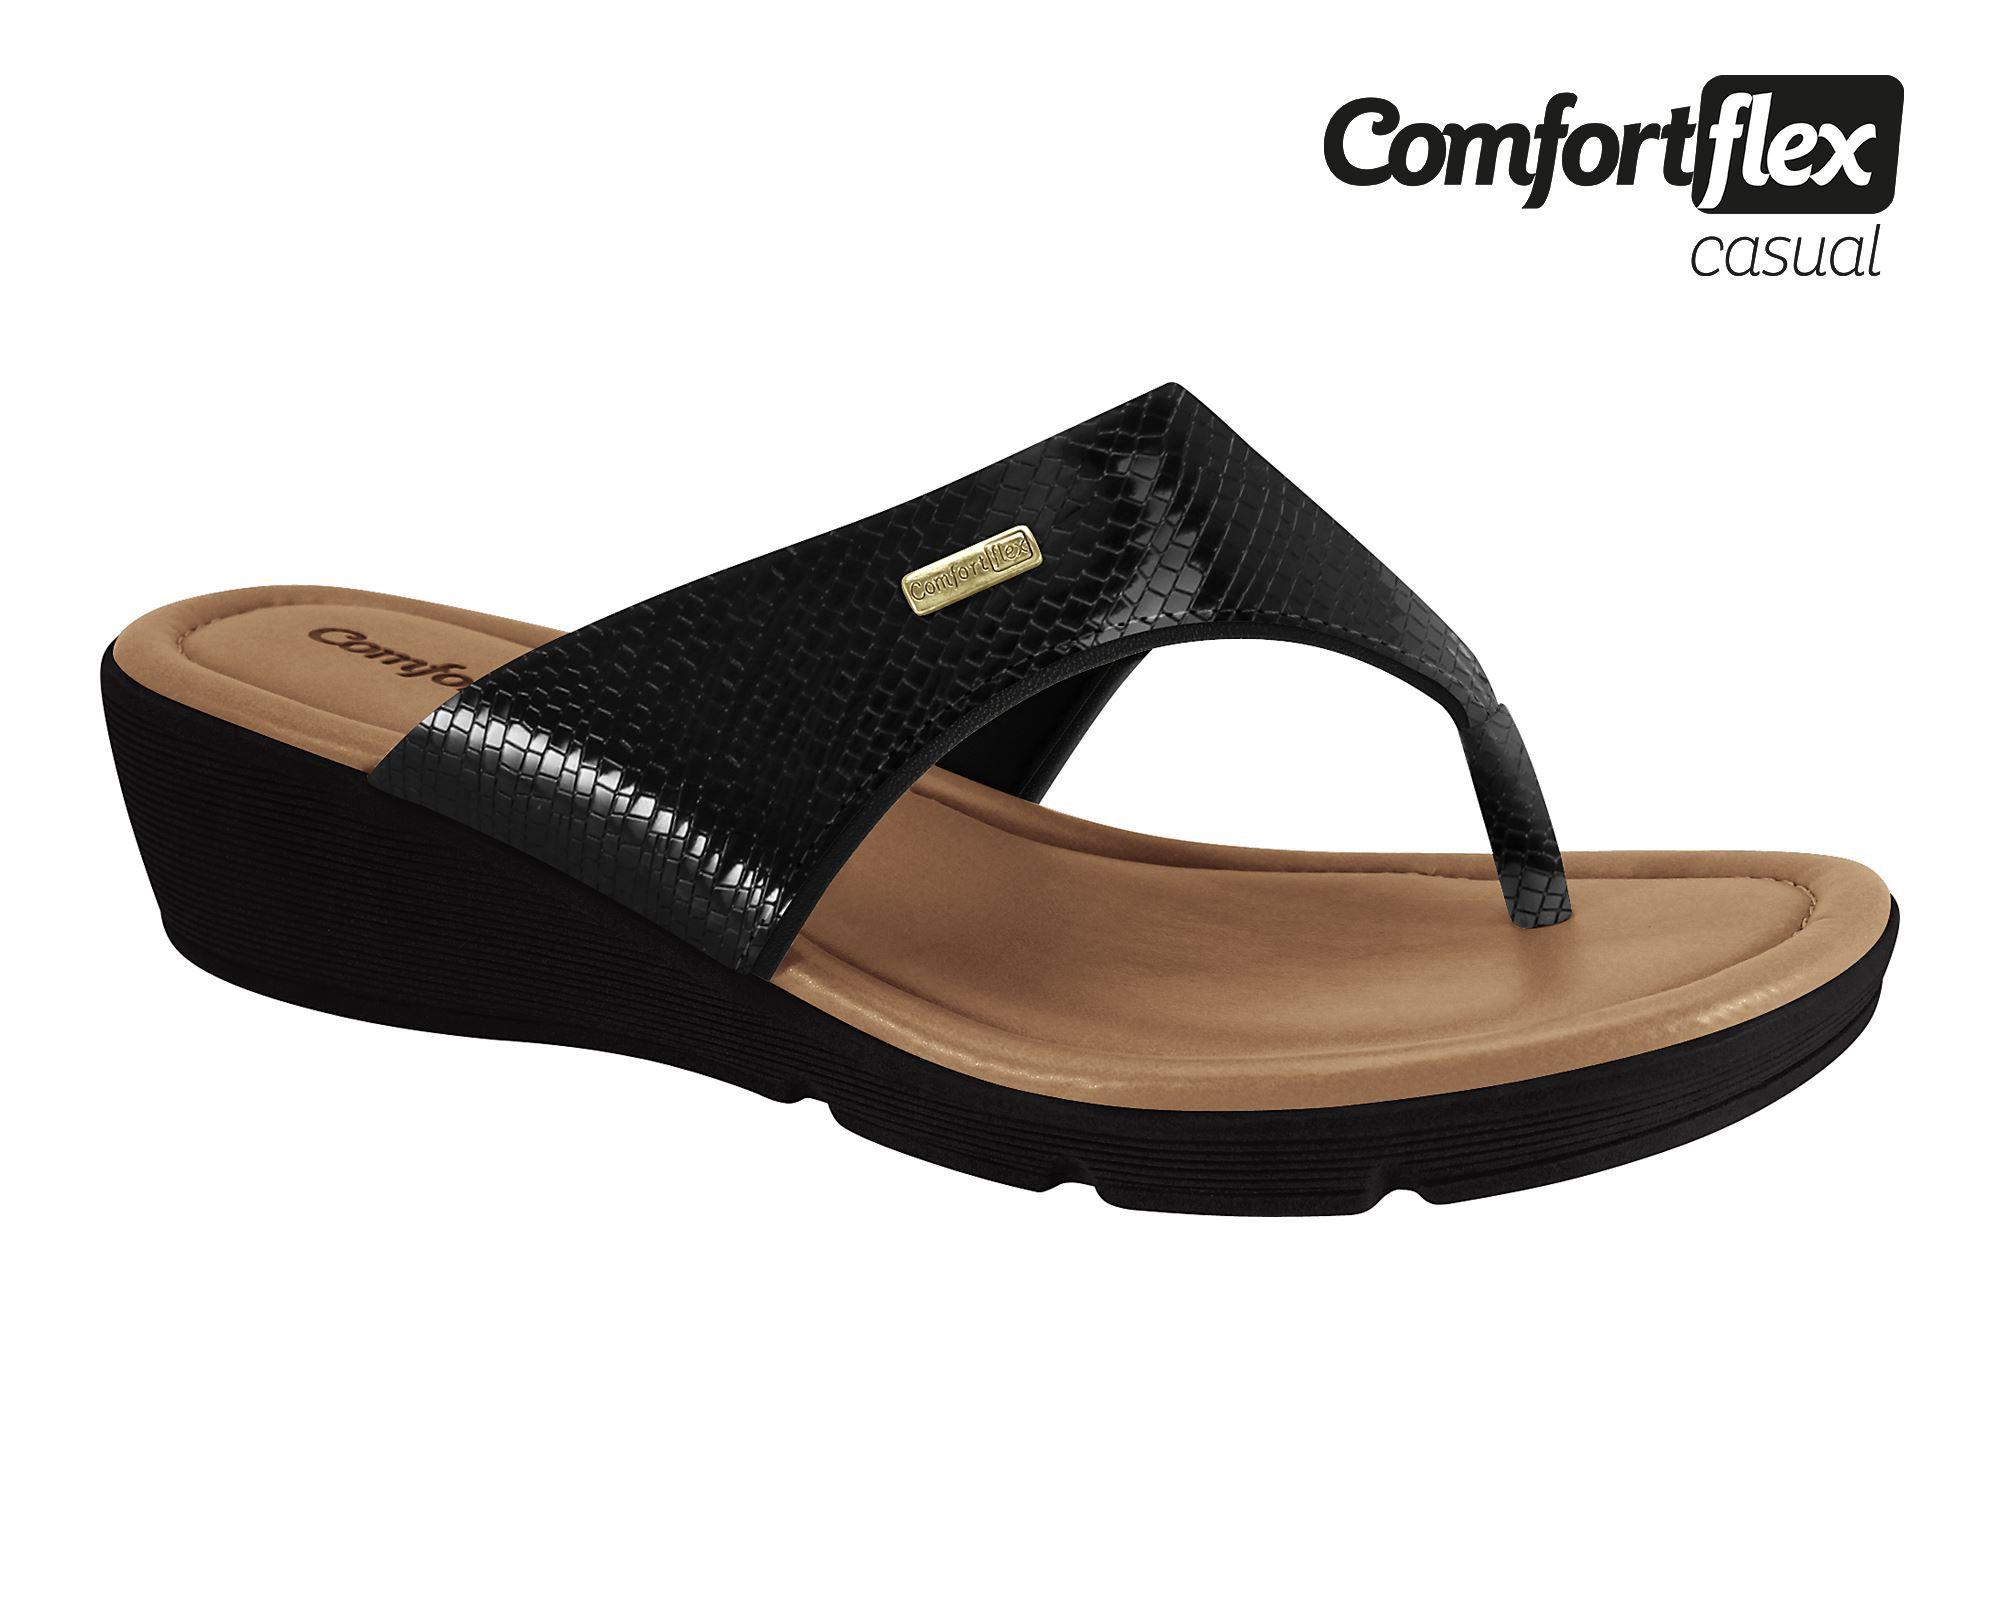 Tamanco Comfortflex Anabela Confortável 1968421 Feminino